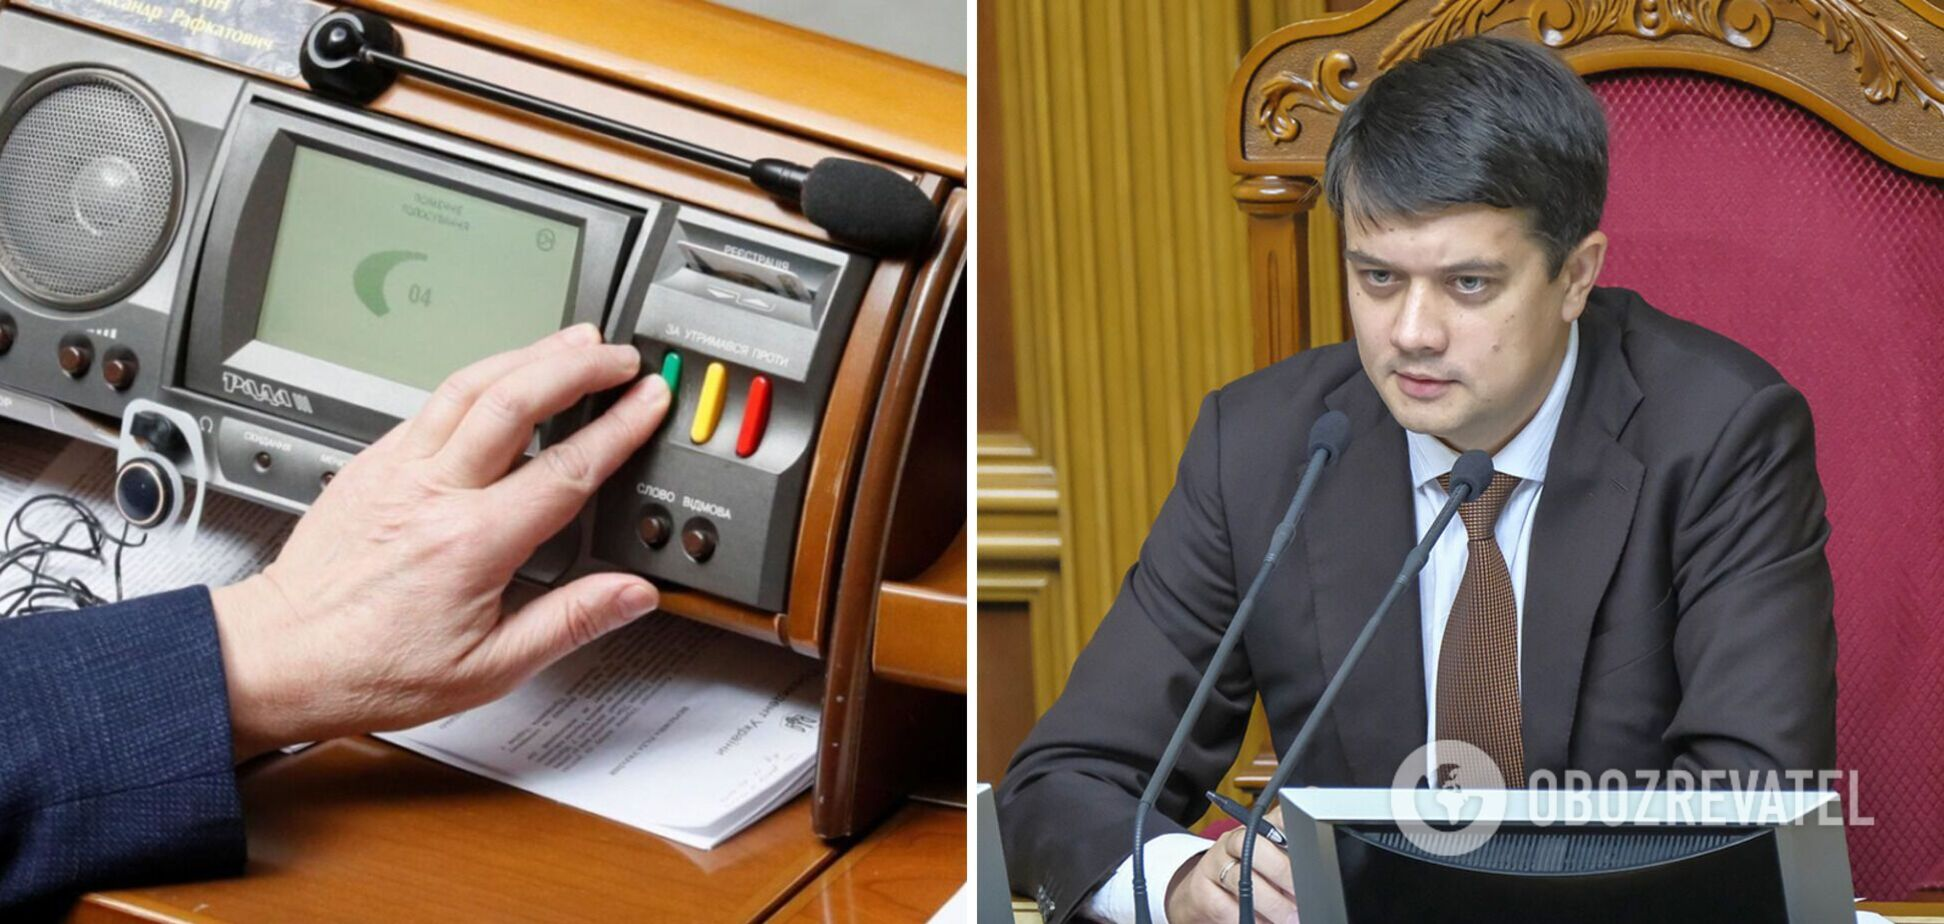 За кнопкодавство у нардепів будуть забирати мандати: Разумков назвав умову